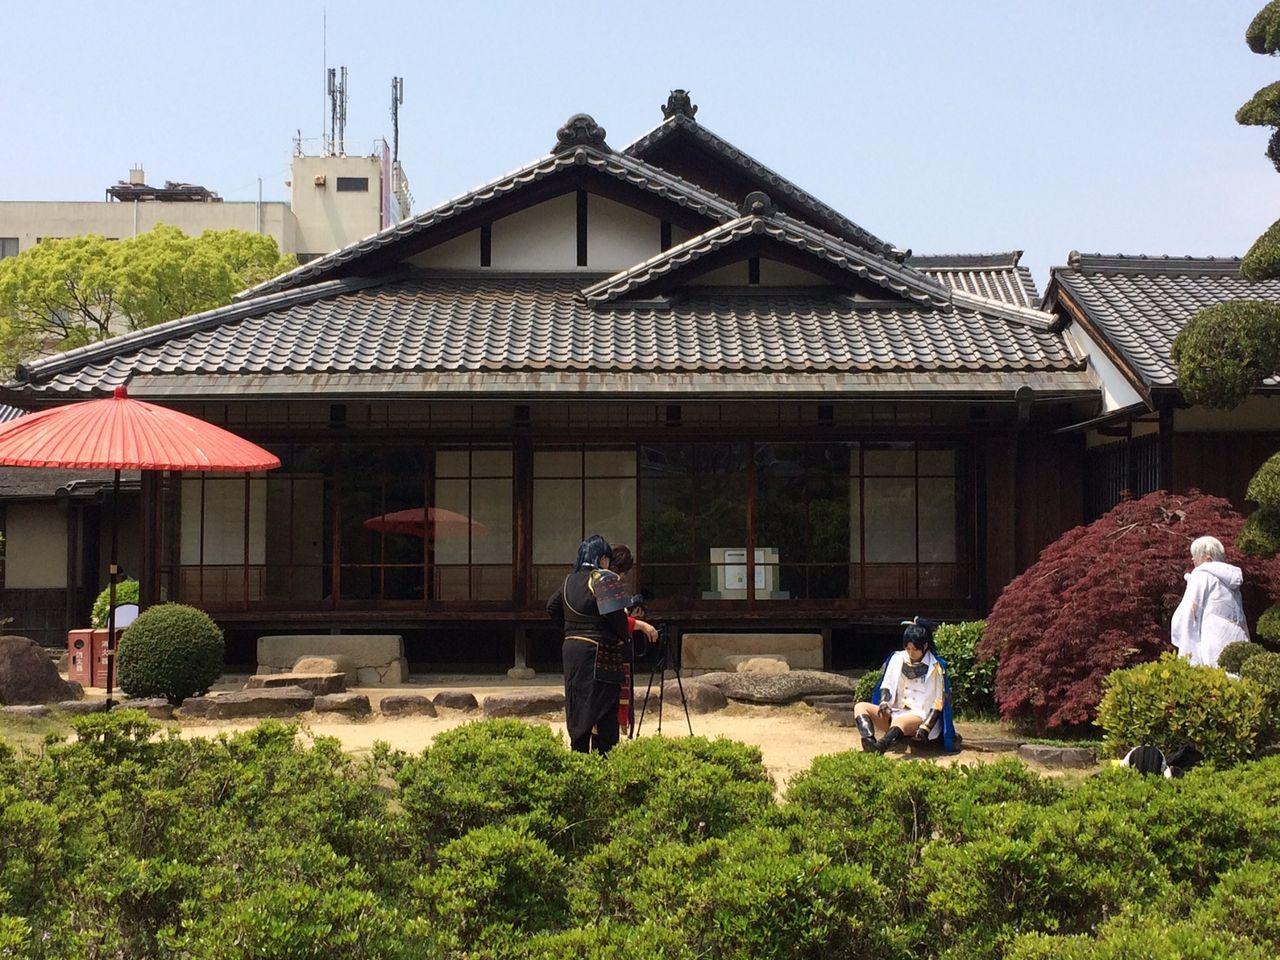 新 田 鴻池